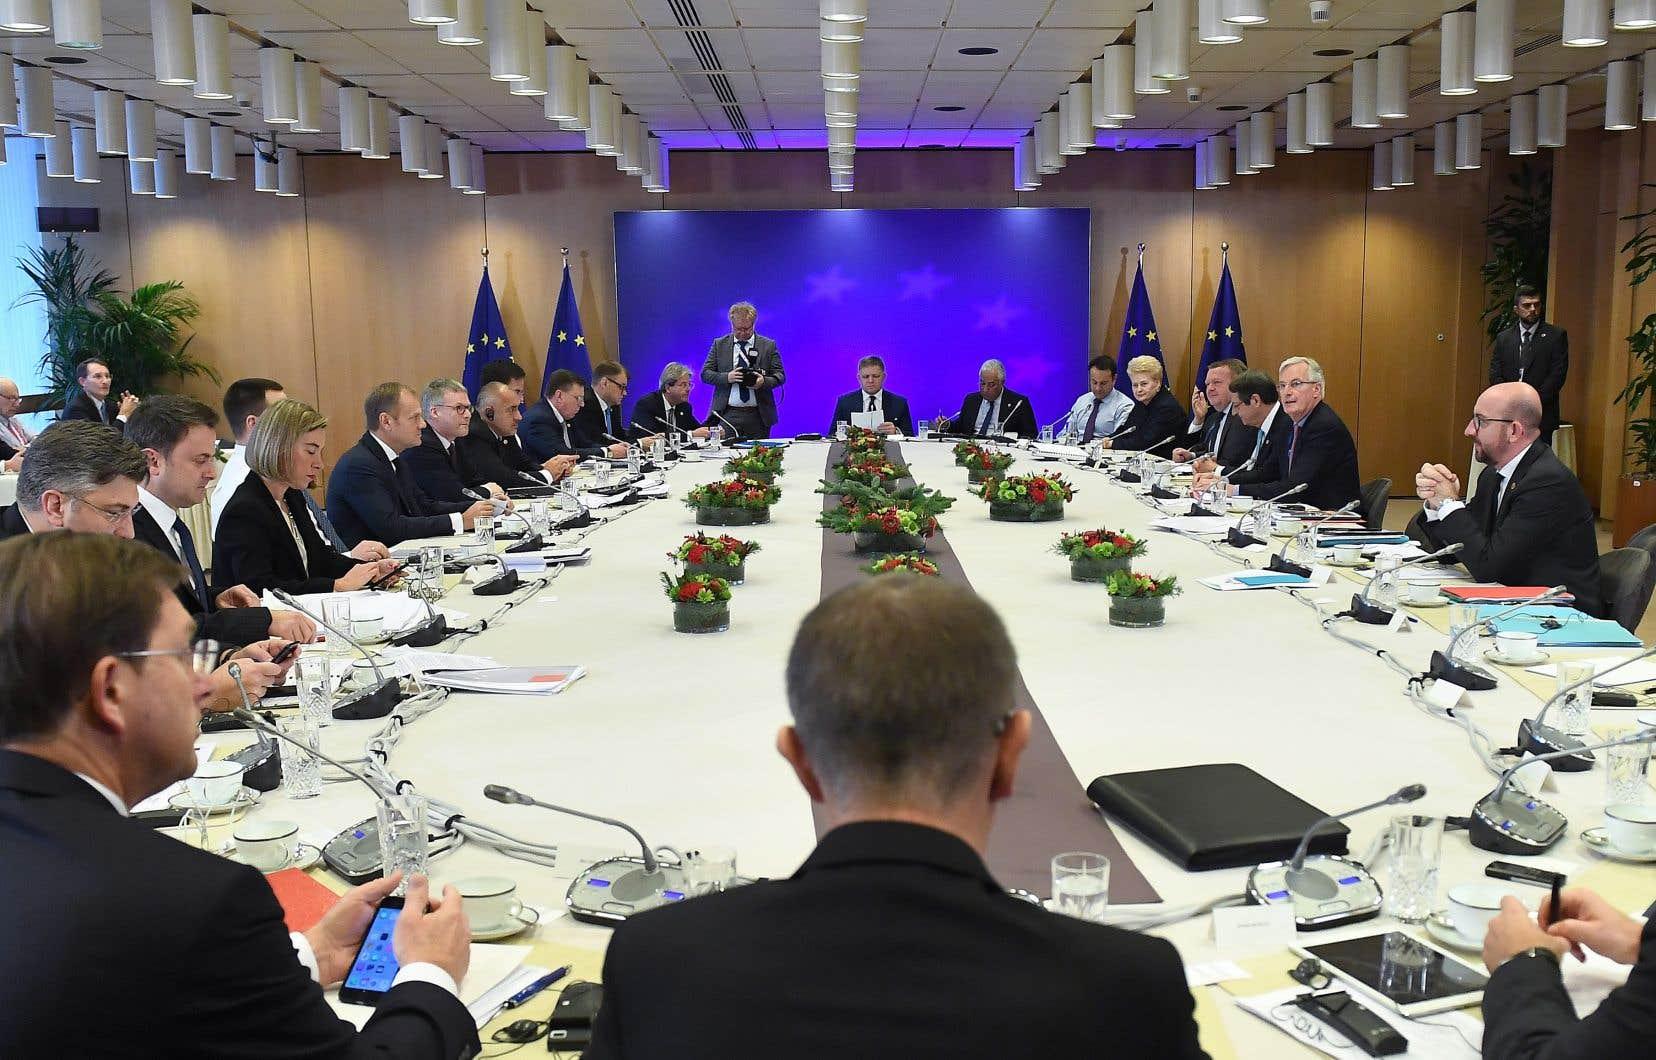 Au menu des discussions figurent notamment des propositions comme la création d'un ministre européen des Finances en charge d'un budget de la zone euro.